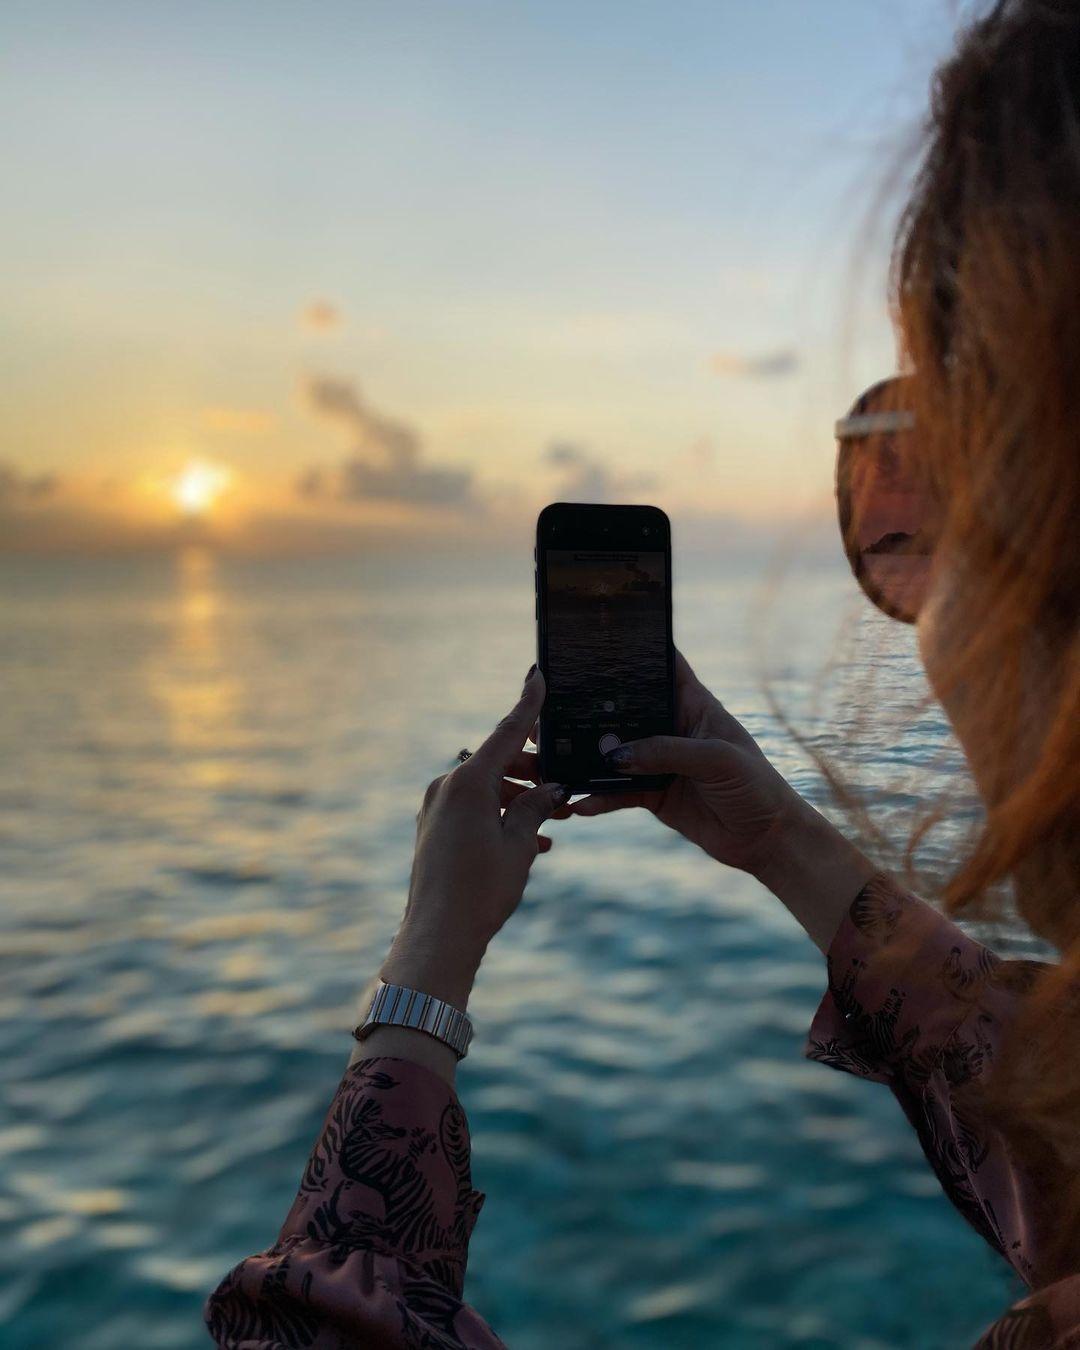 prithviraj maldives tour